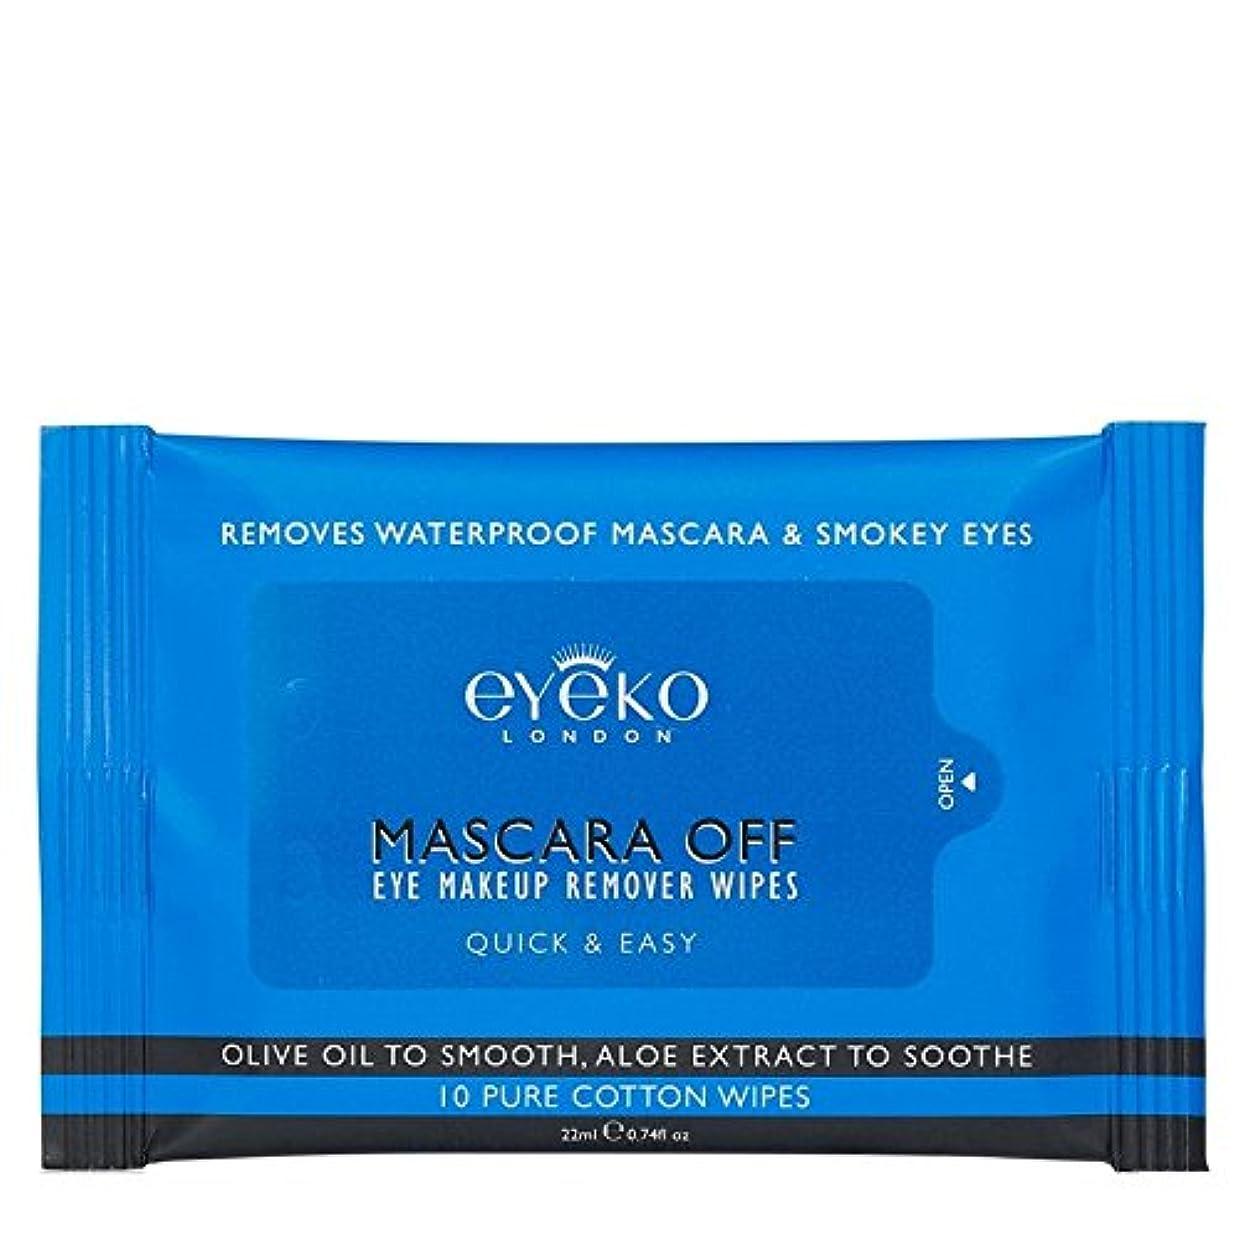 指紋パイル新鮮なマスカラオフパックあたり10ワイプ x4 - Eyeko Mascara off Wipes 10 per pack (Pack of 4) [並行輸入品]